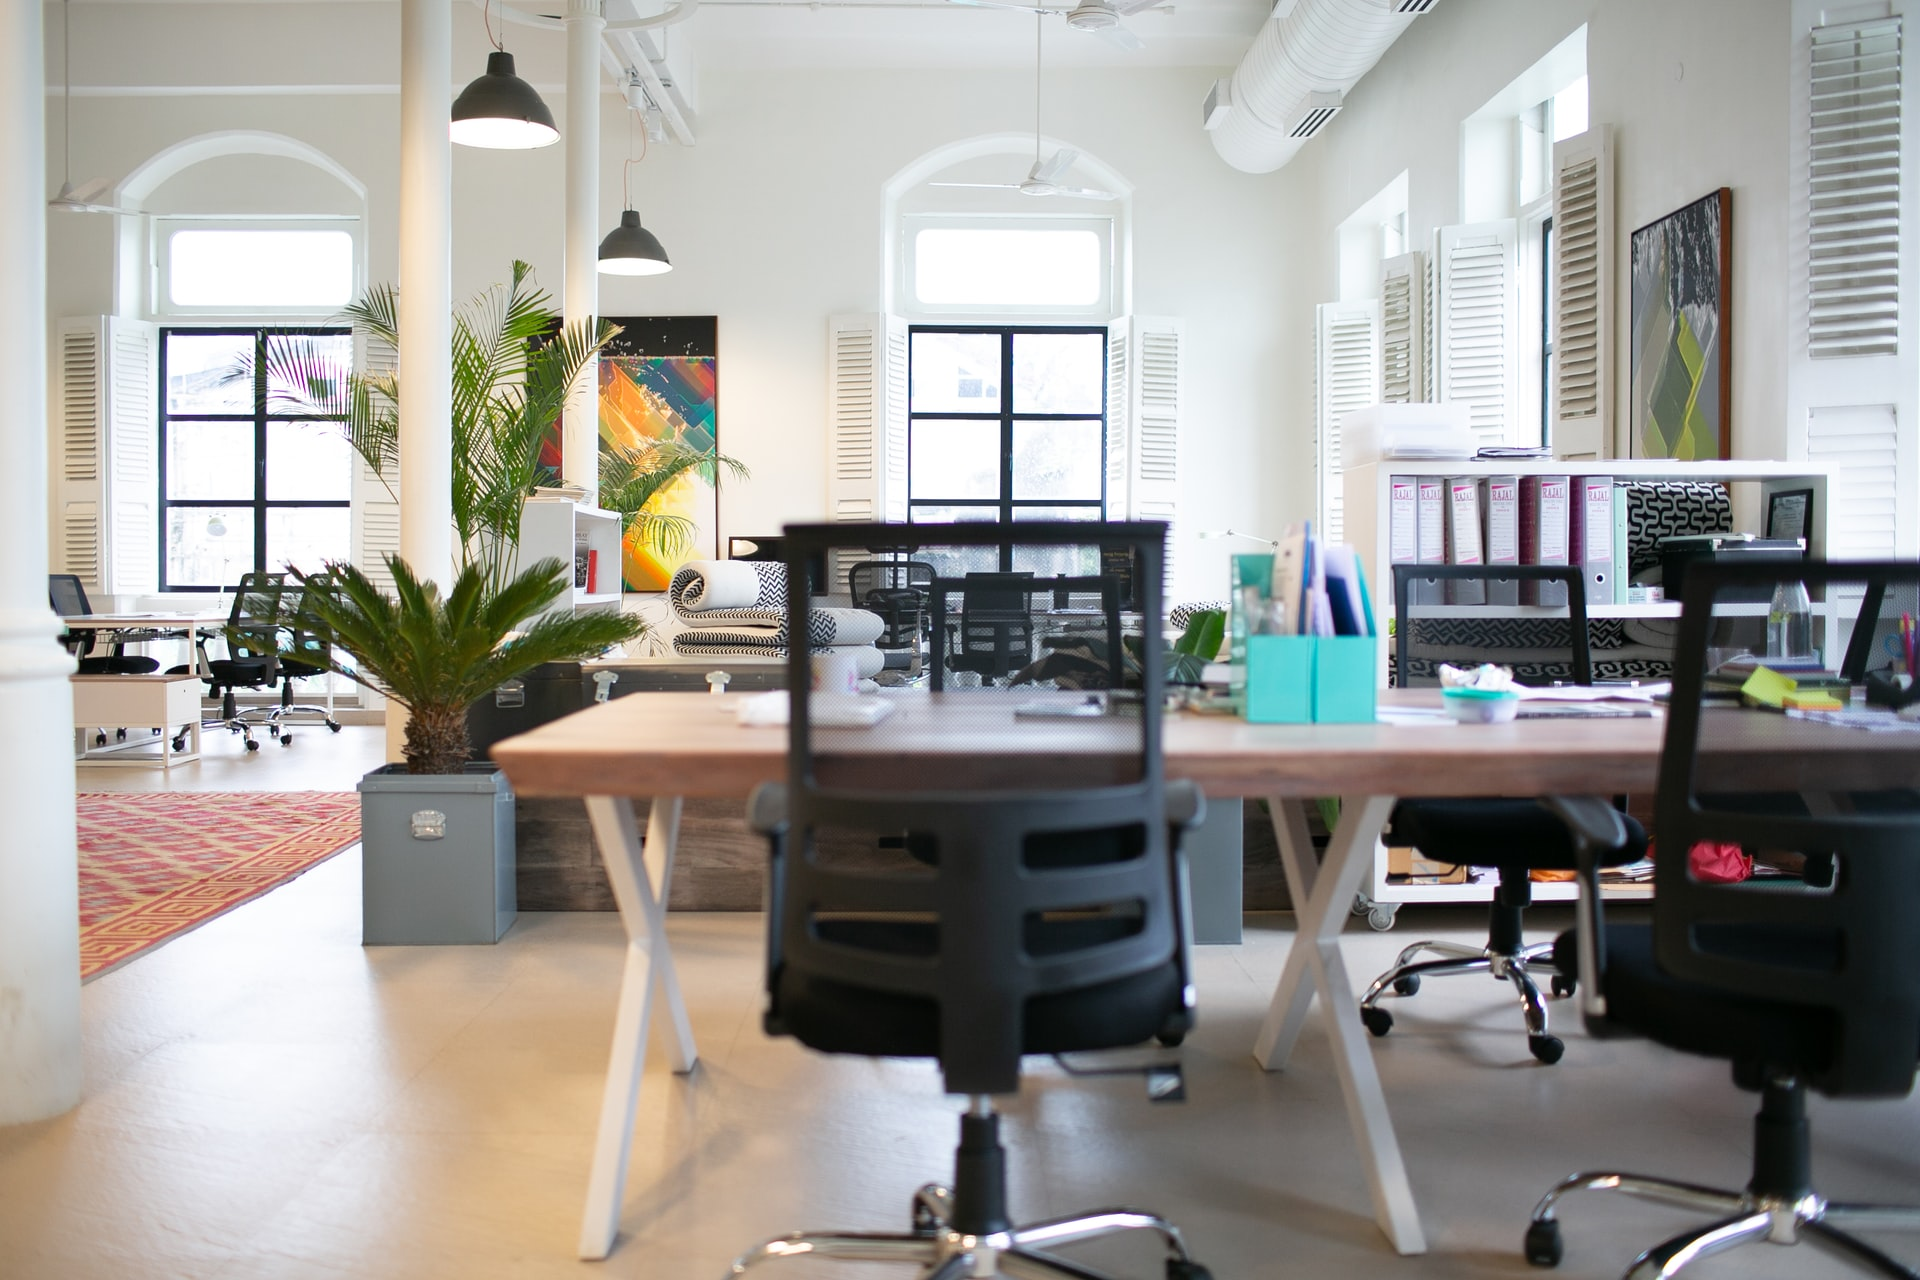 Parfumuri din uleiuri esentiale la birou. Cum le poti folosi eficient pentru a imbunatati creativitatea, eficacitatea si imaginea (5)